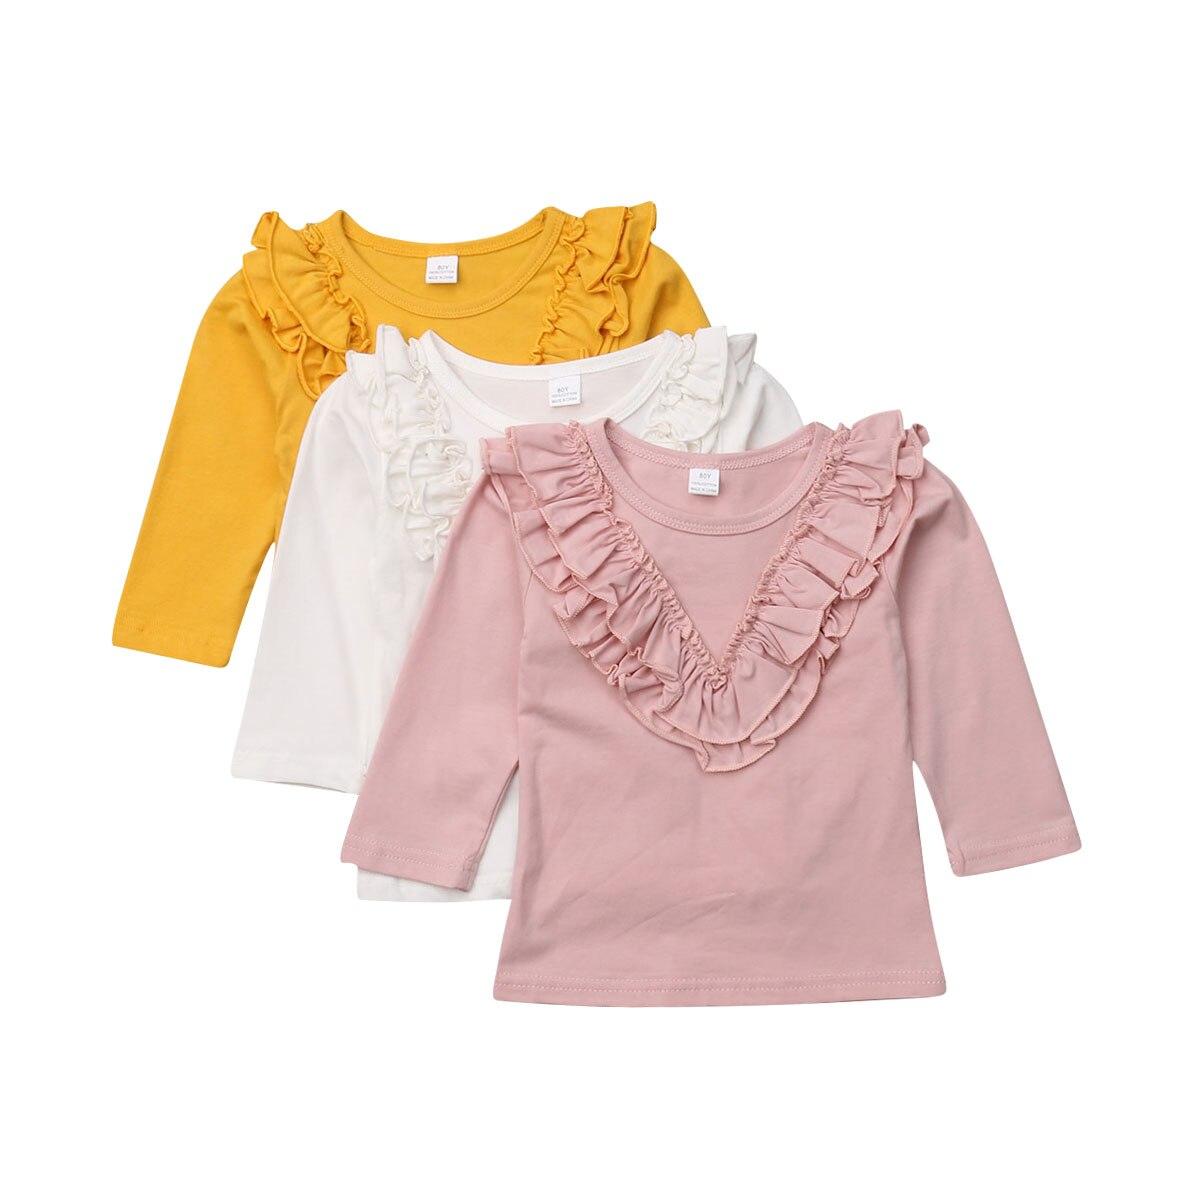 2018 Canis Baby Mädchen Baumwolle Langarm T-shirt Kinder Kleidung Bluse Feste Rüschen Icing Frühling Herbst Tops Volumen Groß